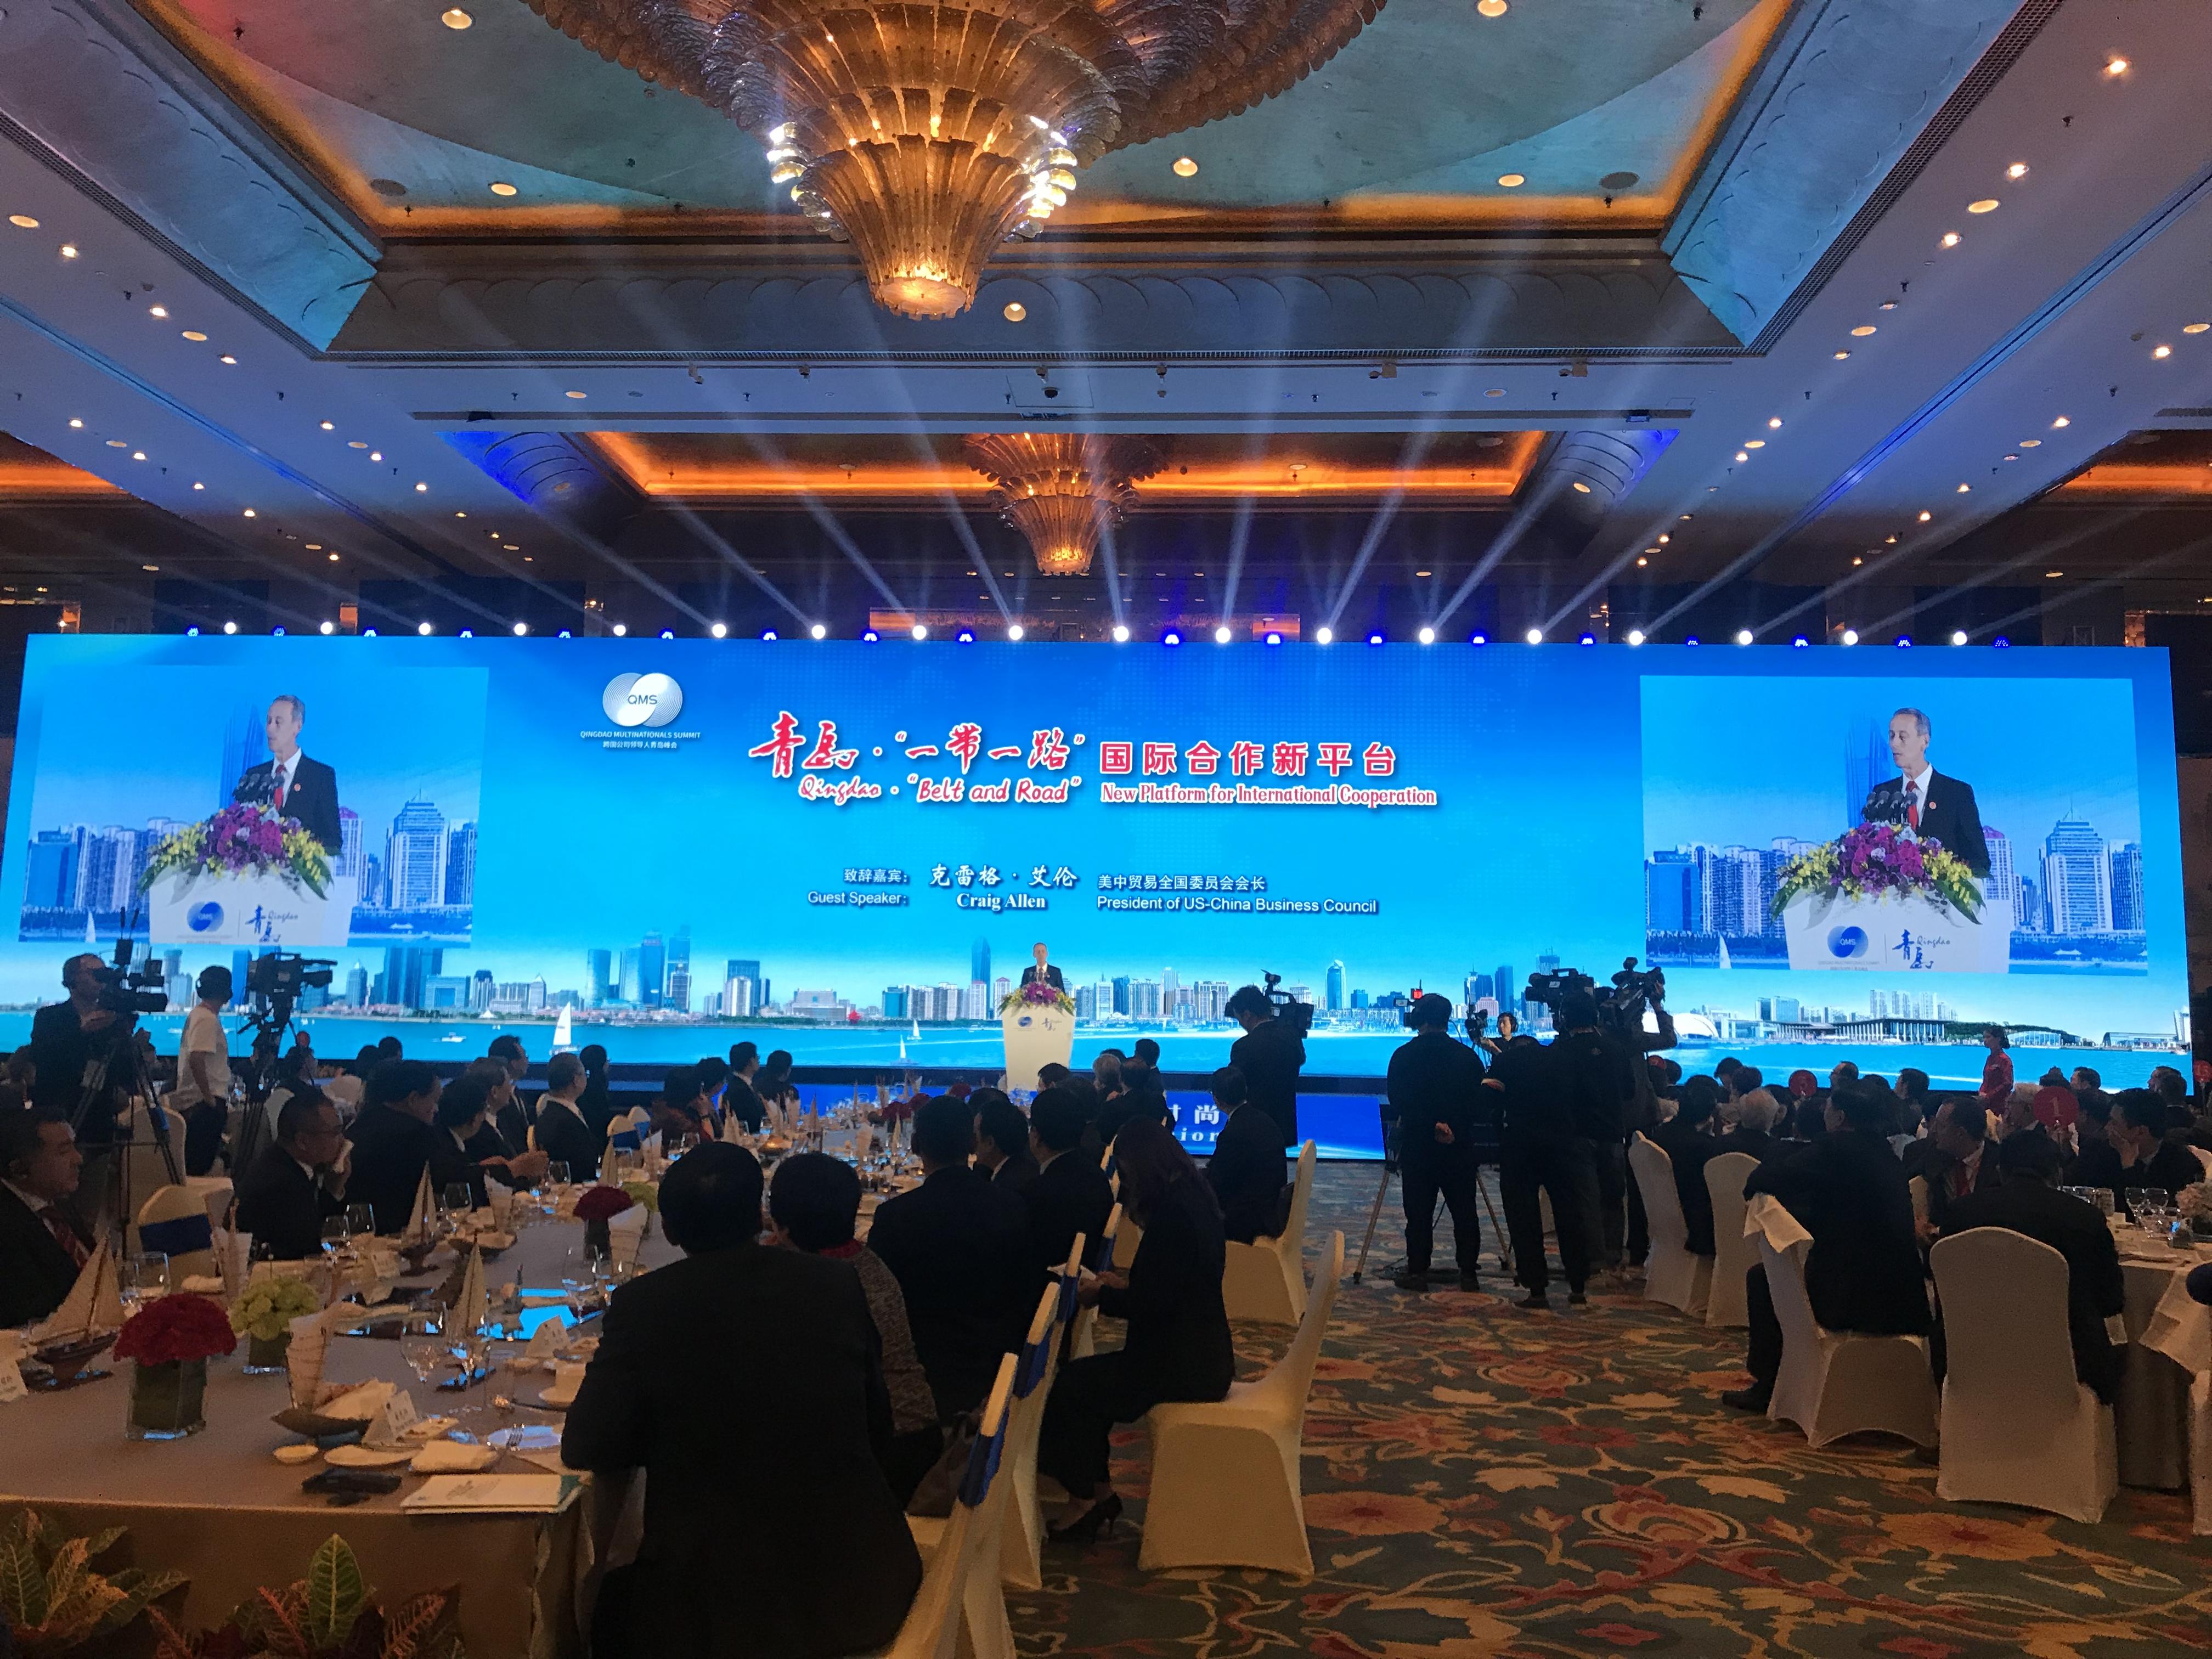 青岛峰会上这个专场活动与众不同,青岛和深圳联合推介